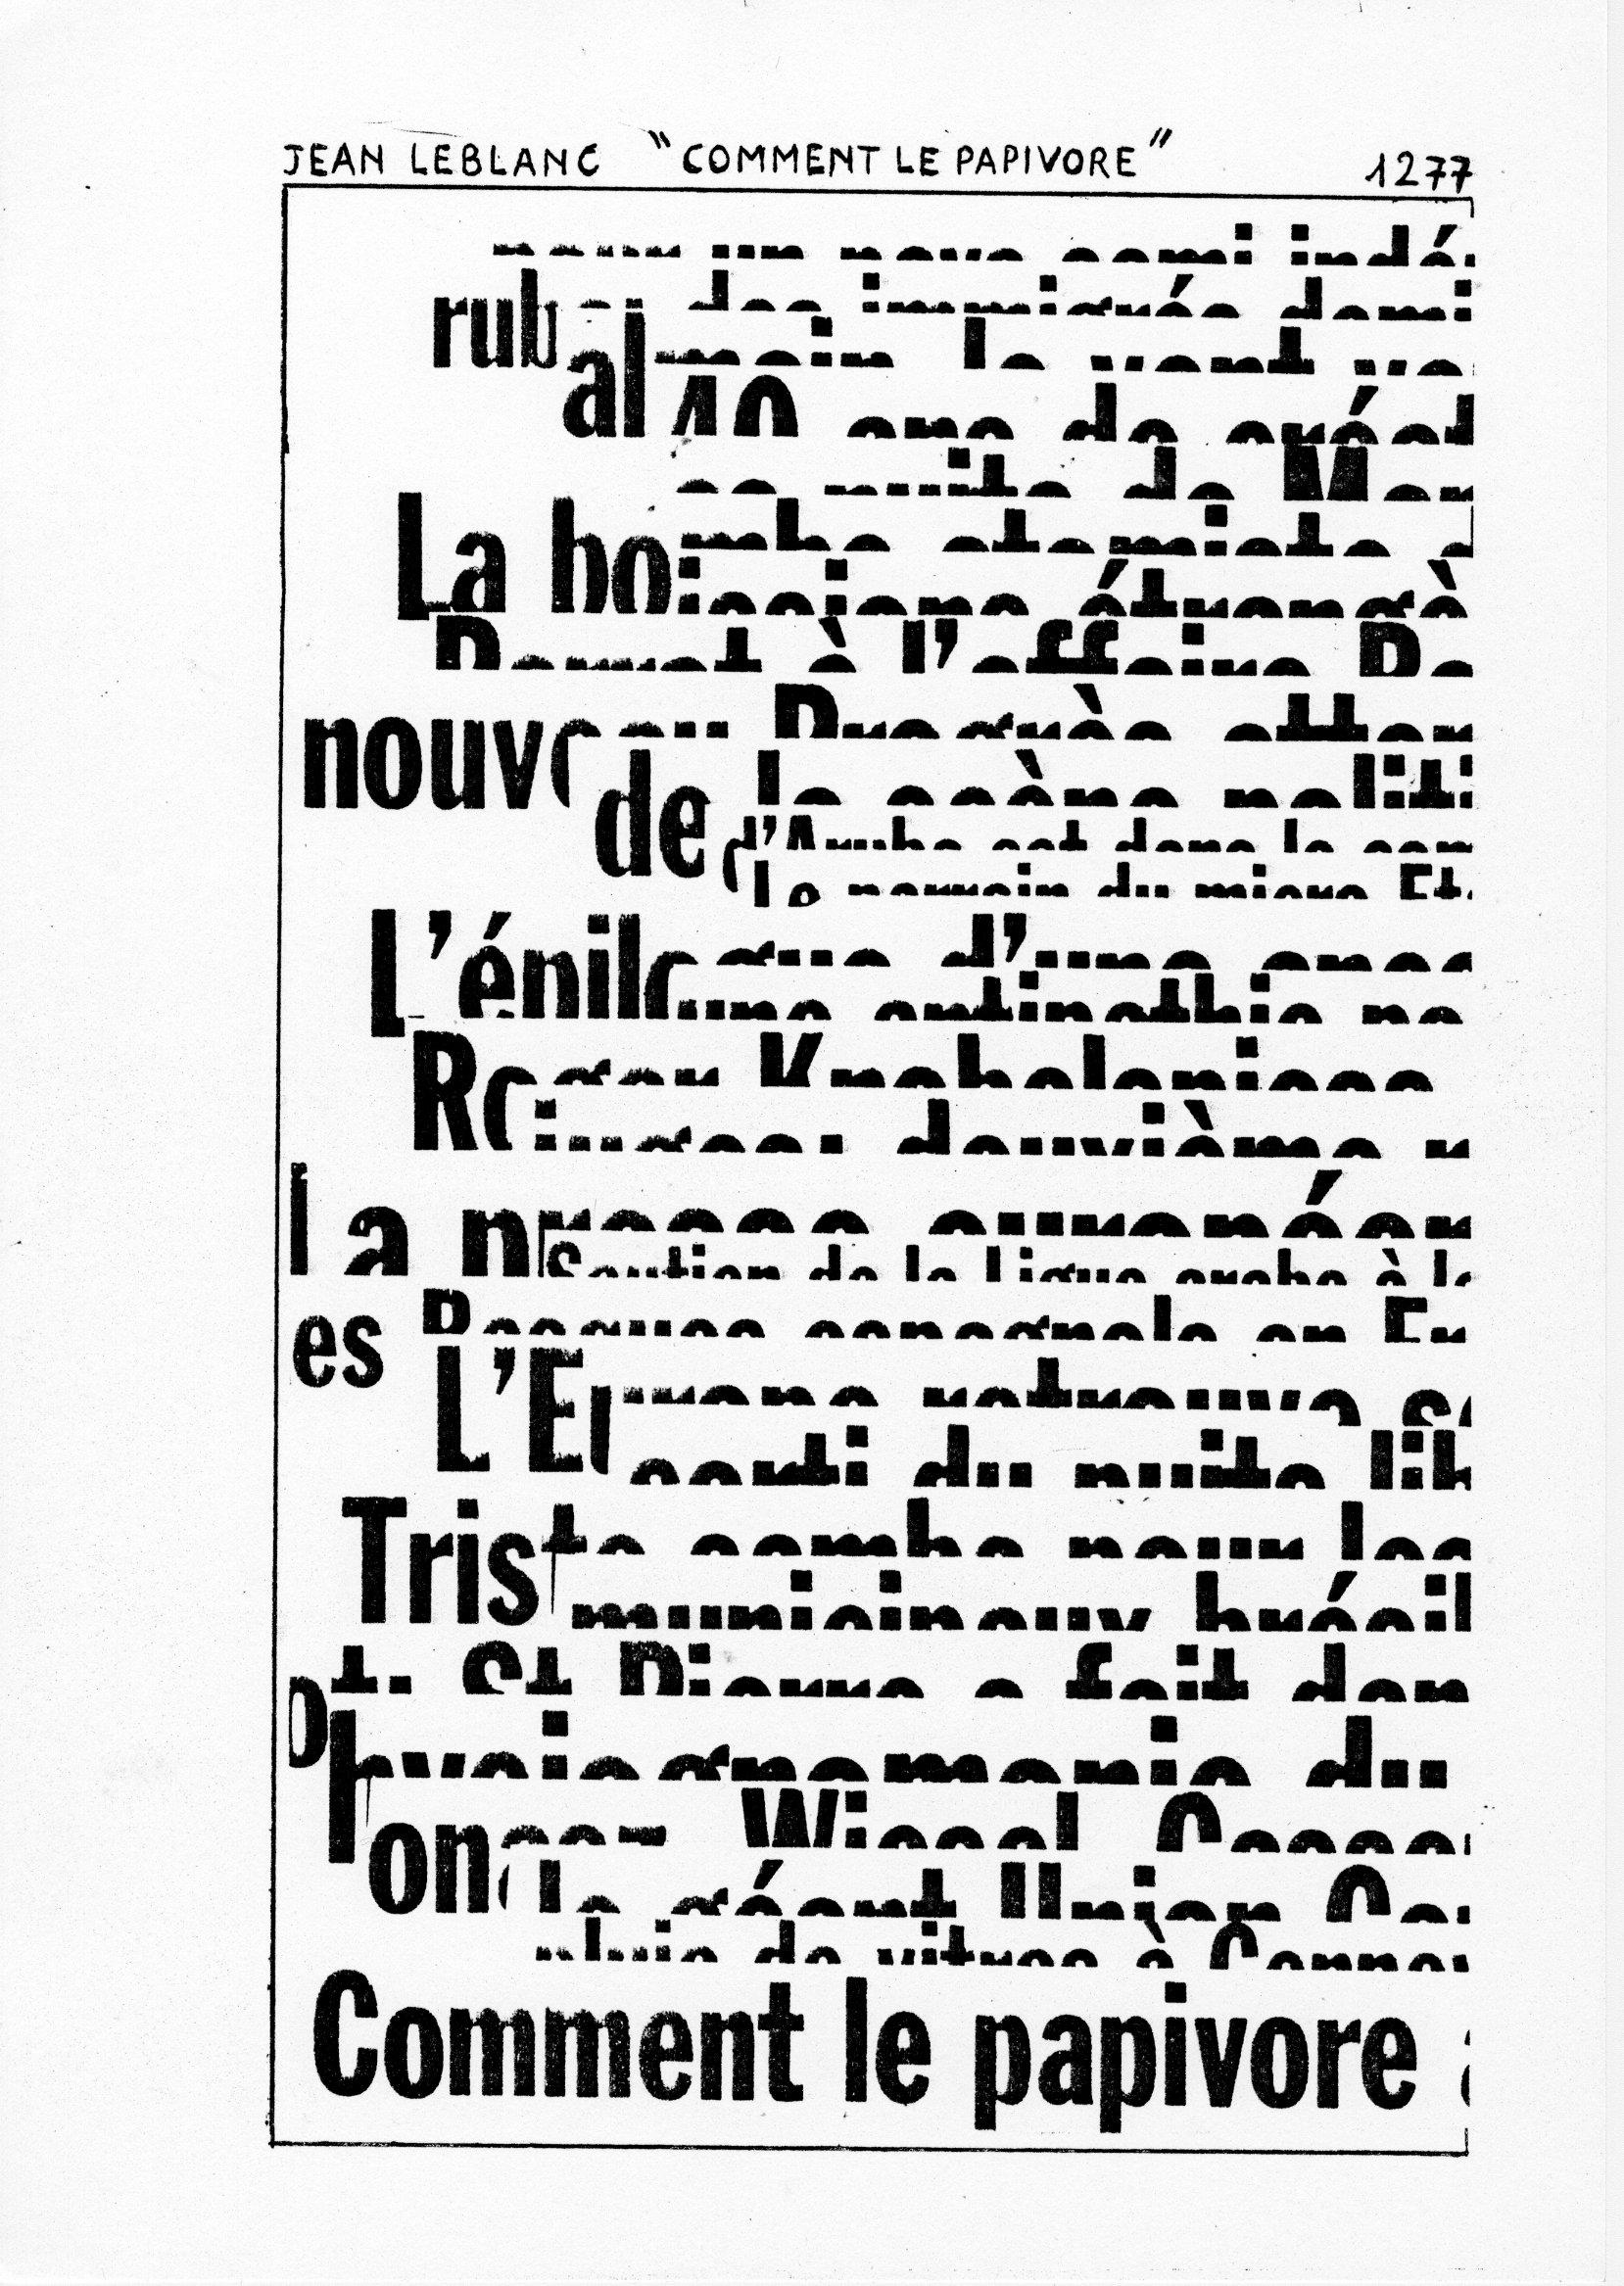 page 1277 J. Leblanc COMMENT LE PAPIVORE